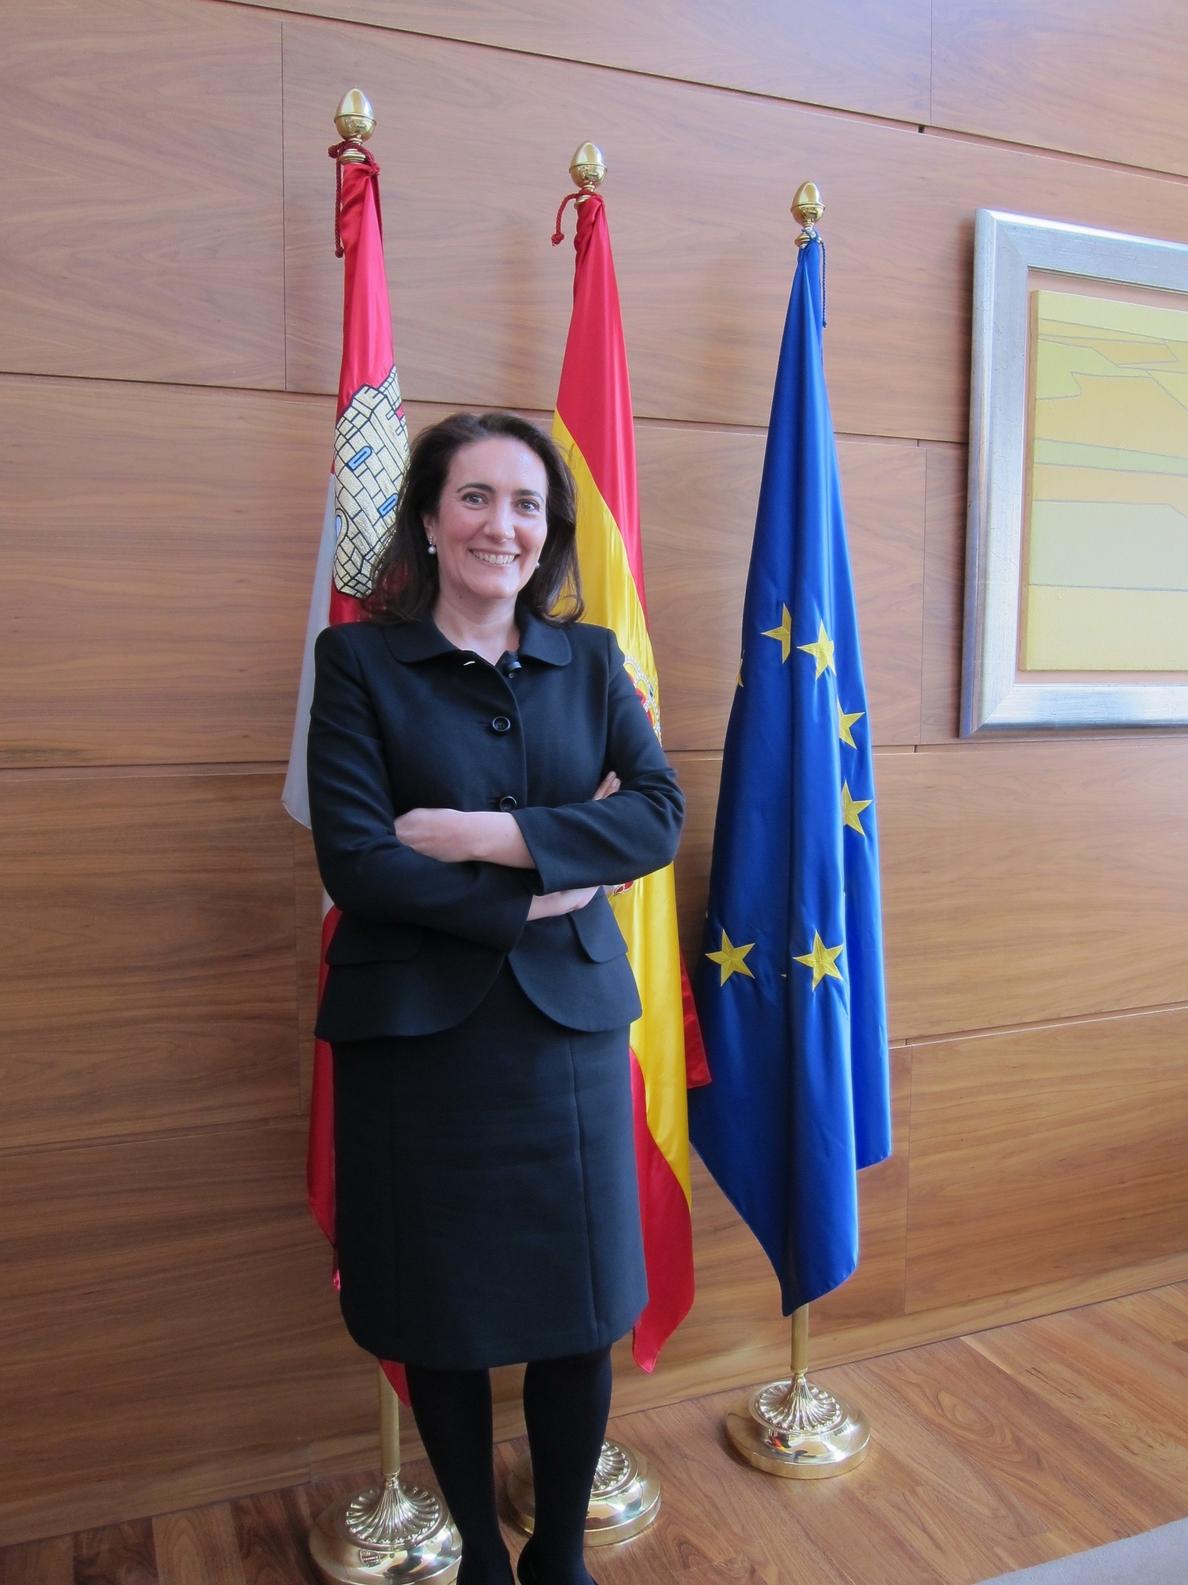 Presidenta de las Cortes de Castilla y León, en contra de reformar el Estatuto de Autonomía